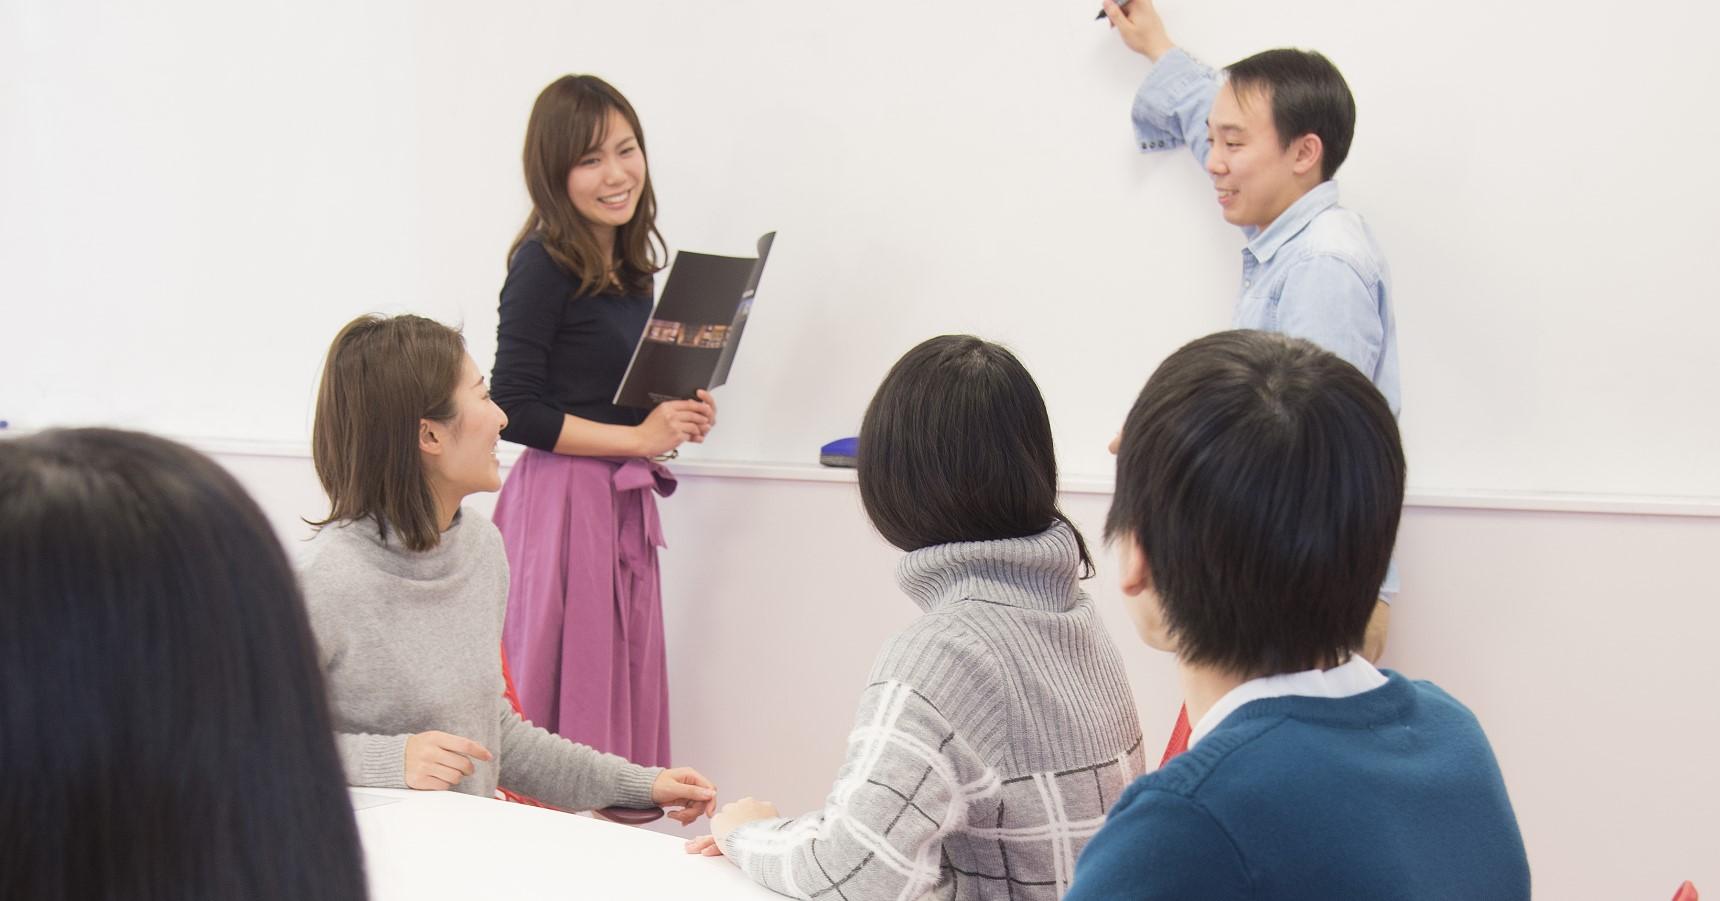 自由闊達な雰囲気で会議ができるよう、「発信と受信をしっかりしよう」という行動指針の元、部署を超えた会議を実施しています。